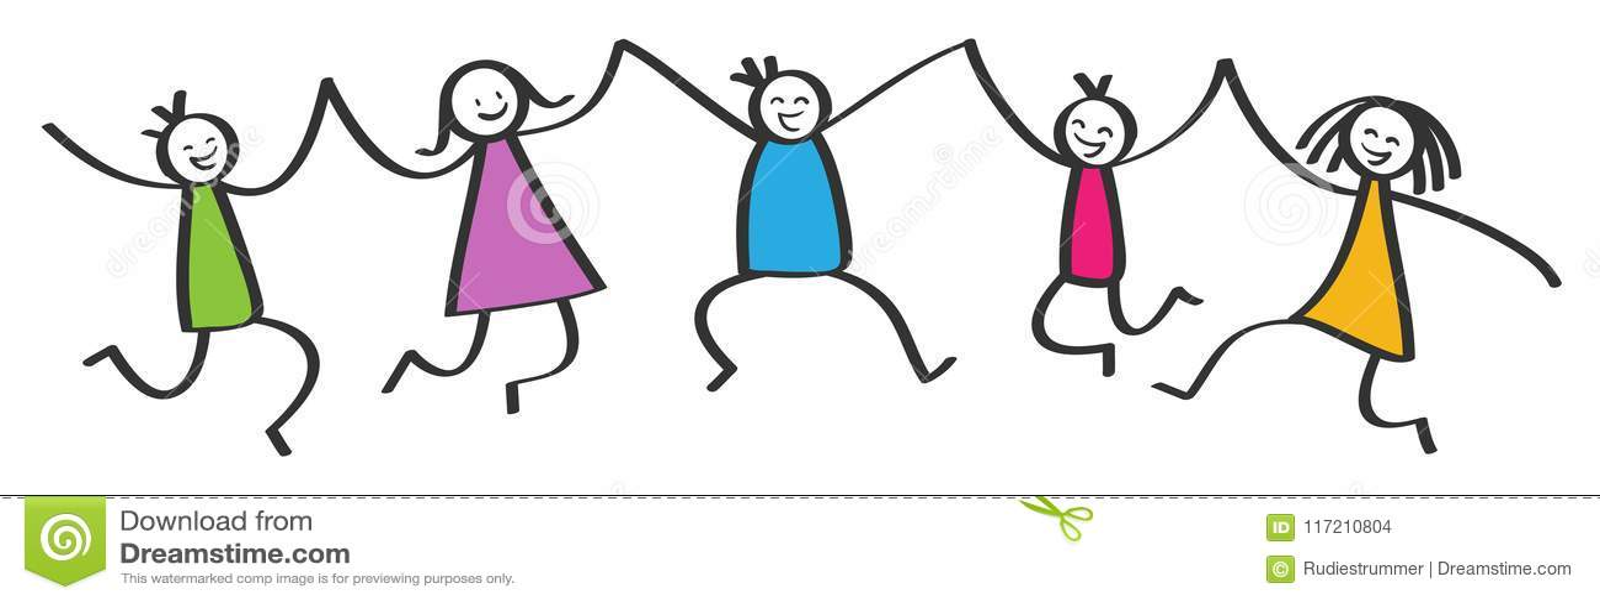 Figure semplici del bastone, cinque bambini variopinti felici che saltano, tenersi per mano, sorridere e ridere